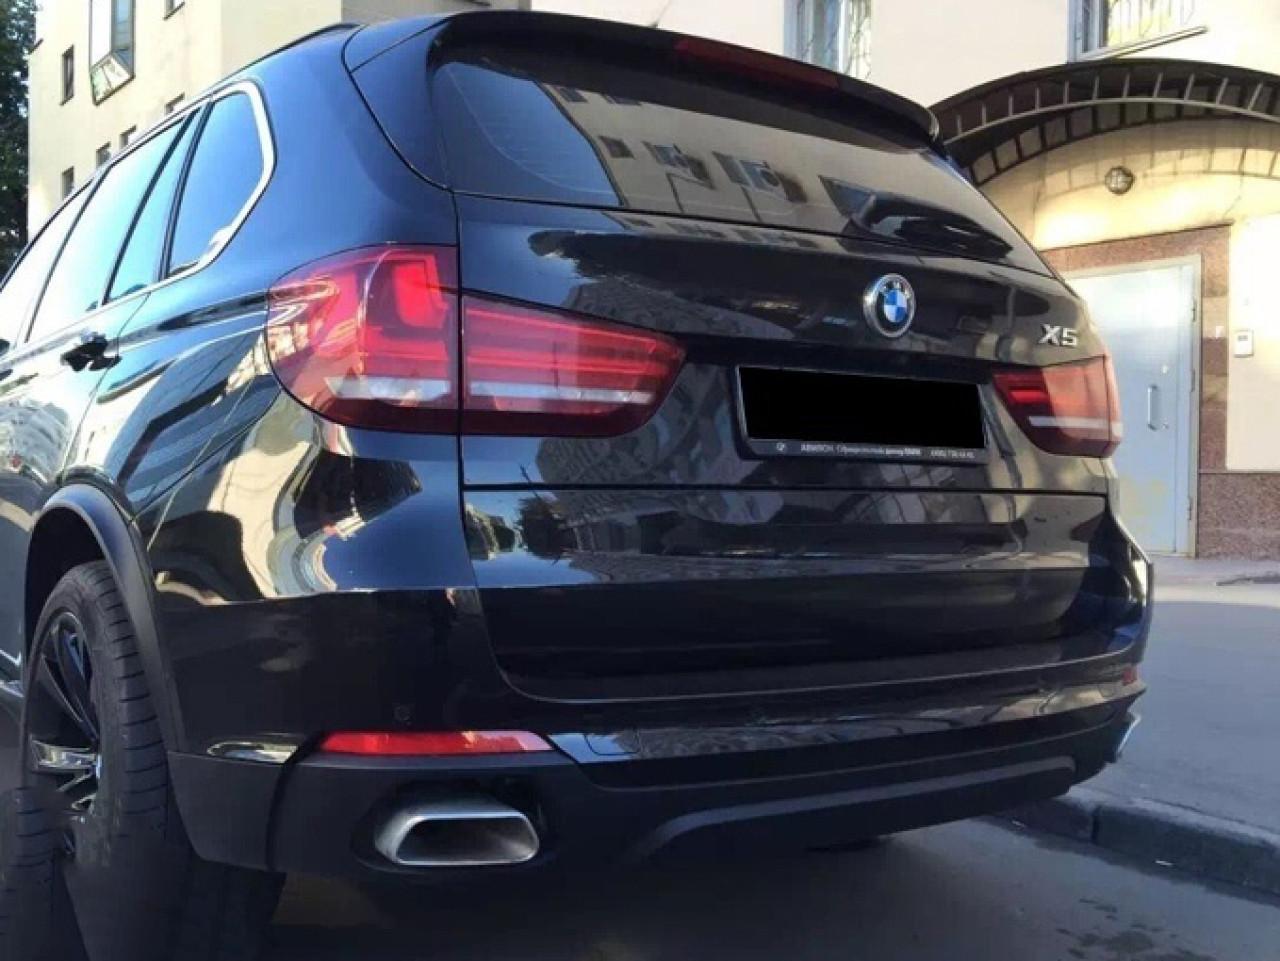 Difuzor bara spate si Ornamente evacuare BMW X5 F15